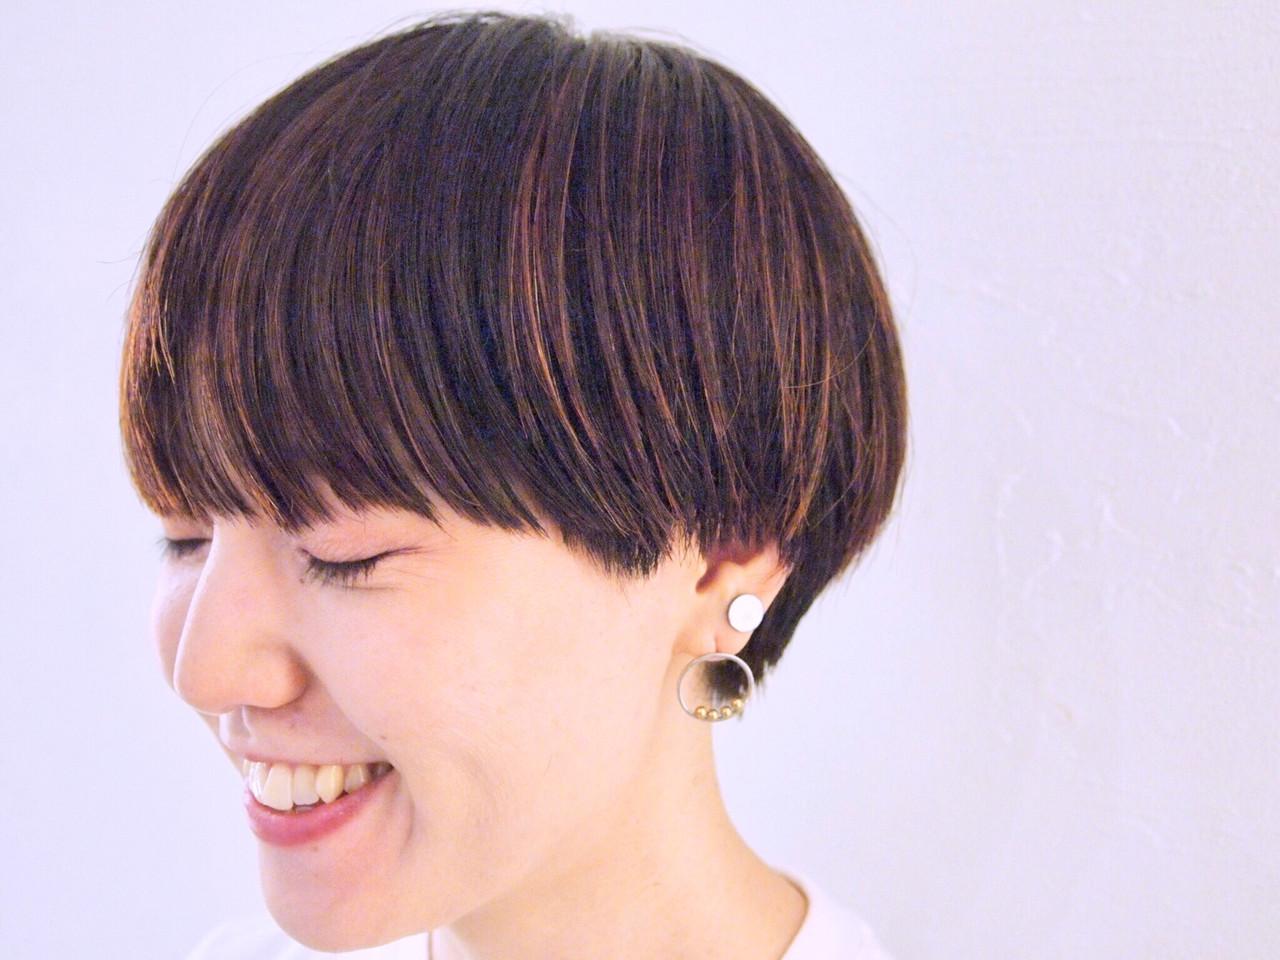 ショート 大人かわいい アウトドア ナチュラル ヘアスタイルや髪型の写真・画像 | 畑山拓也 / Baco.